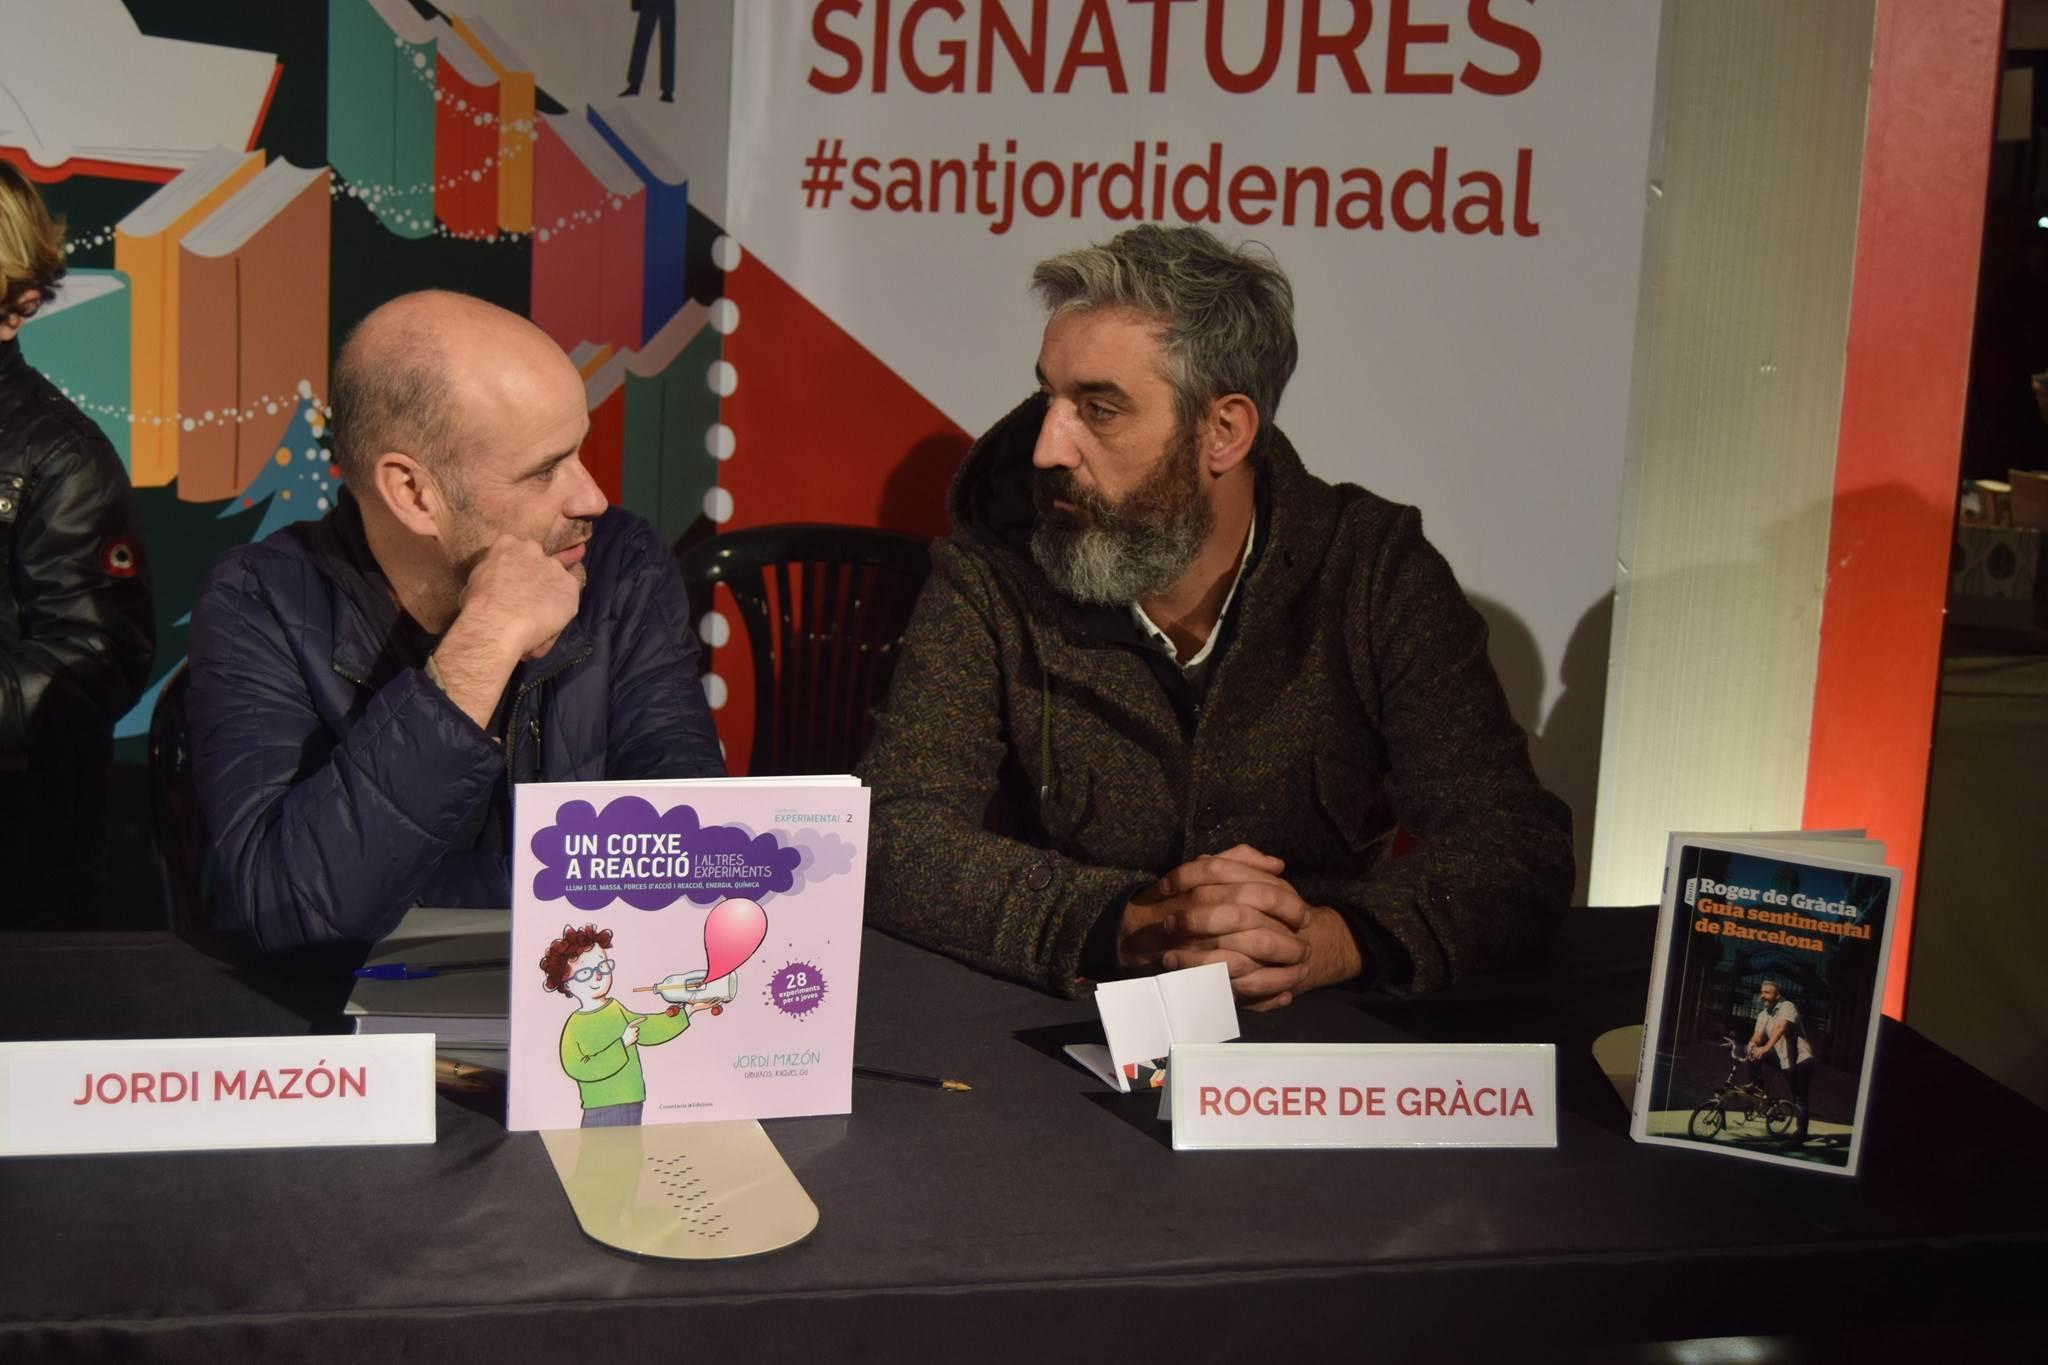 Signatura de llibres amb Jordi Mazón i Roger de Gràcia